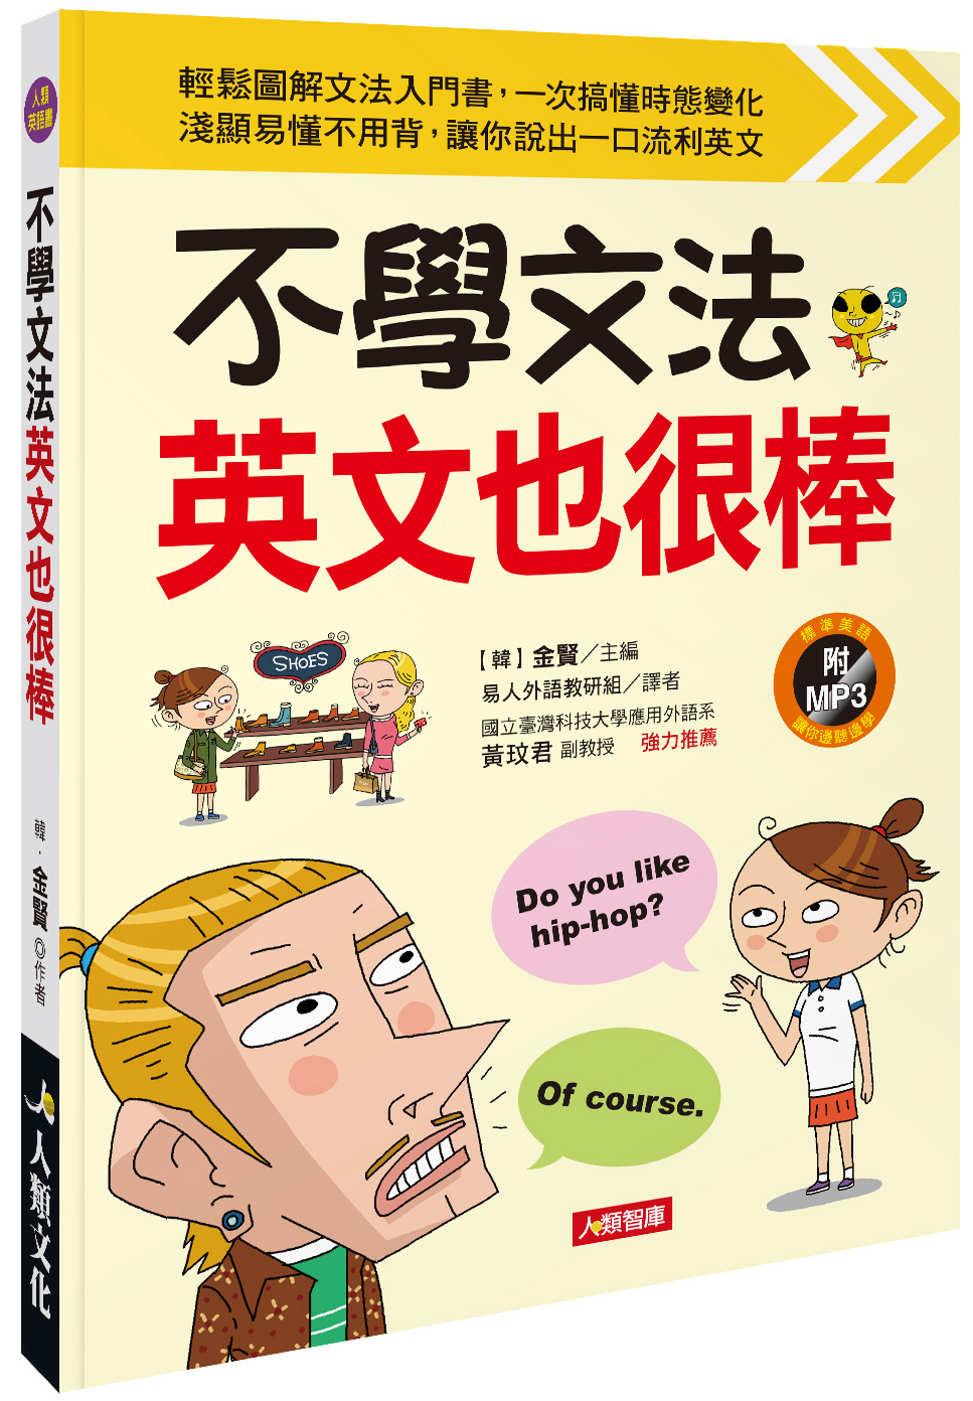 不學文法英文也很棒